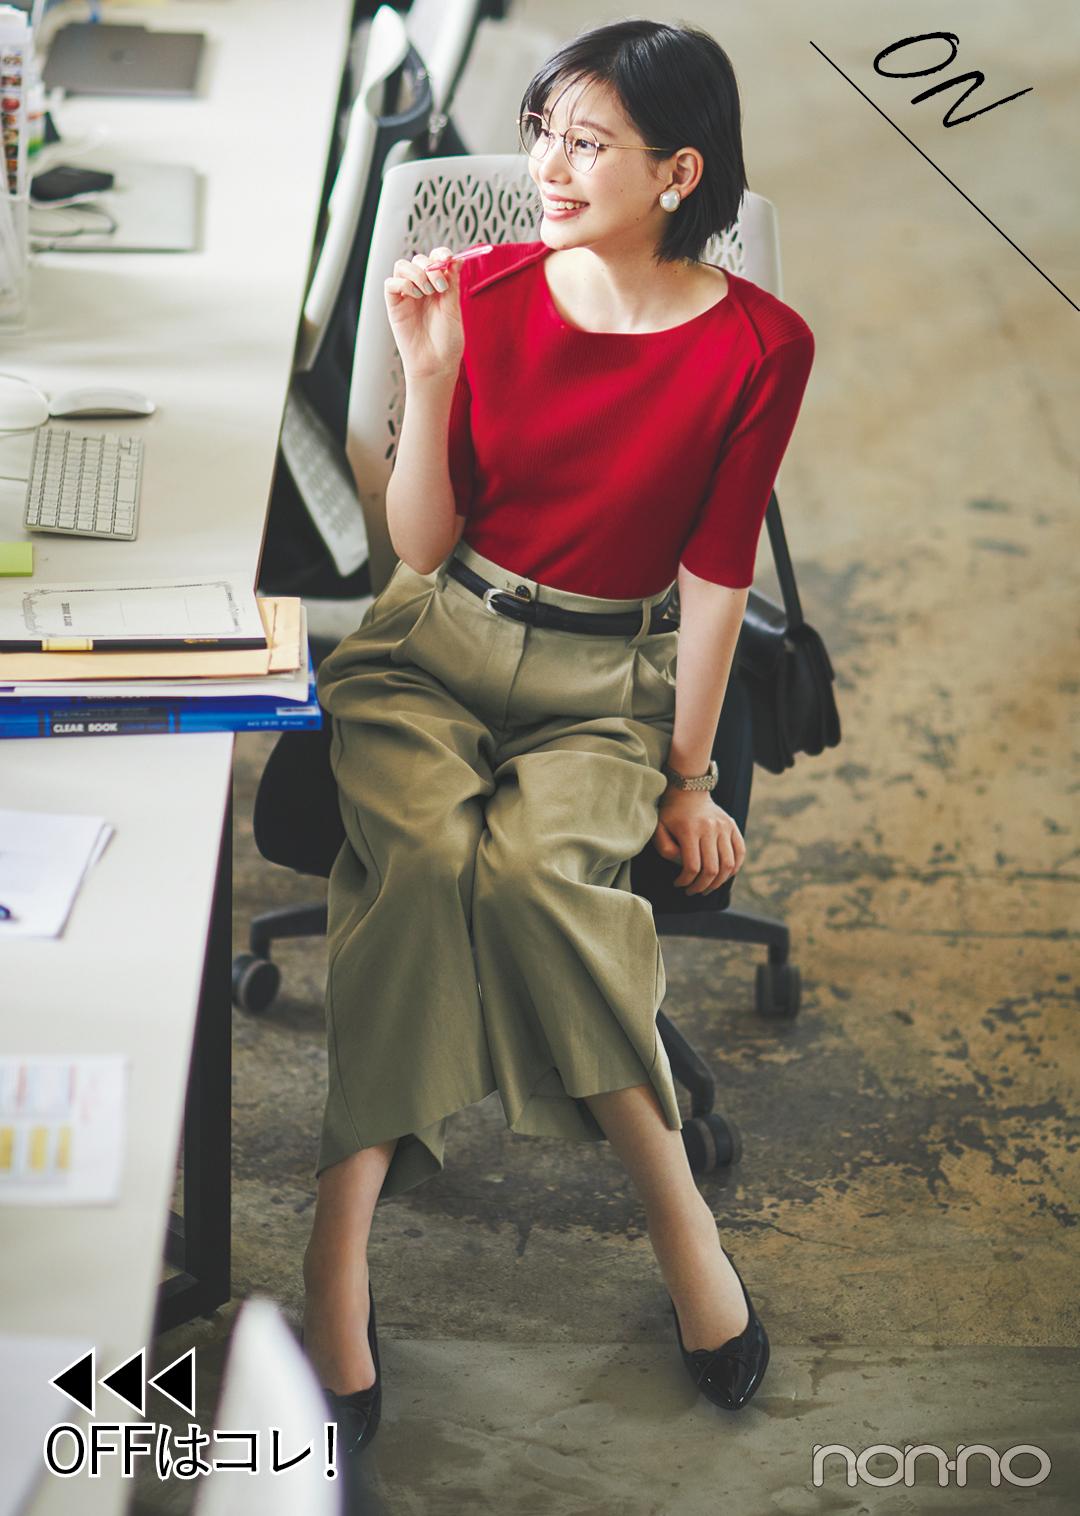 20代のオフィスカジュアル、トレンドのリネン混パンツもオンオフ着回せる!_1_3-1